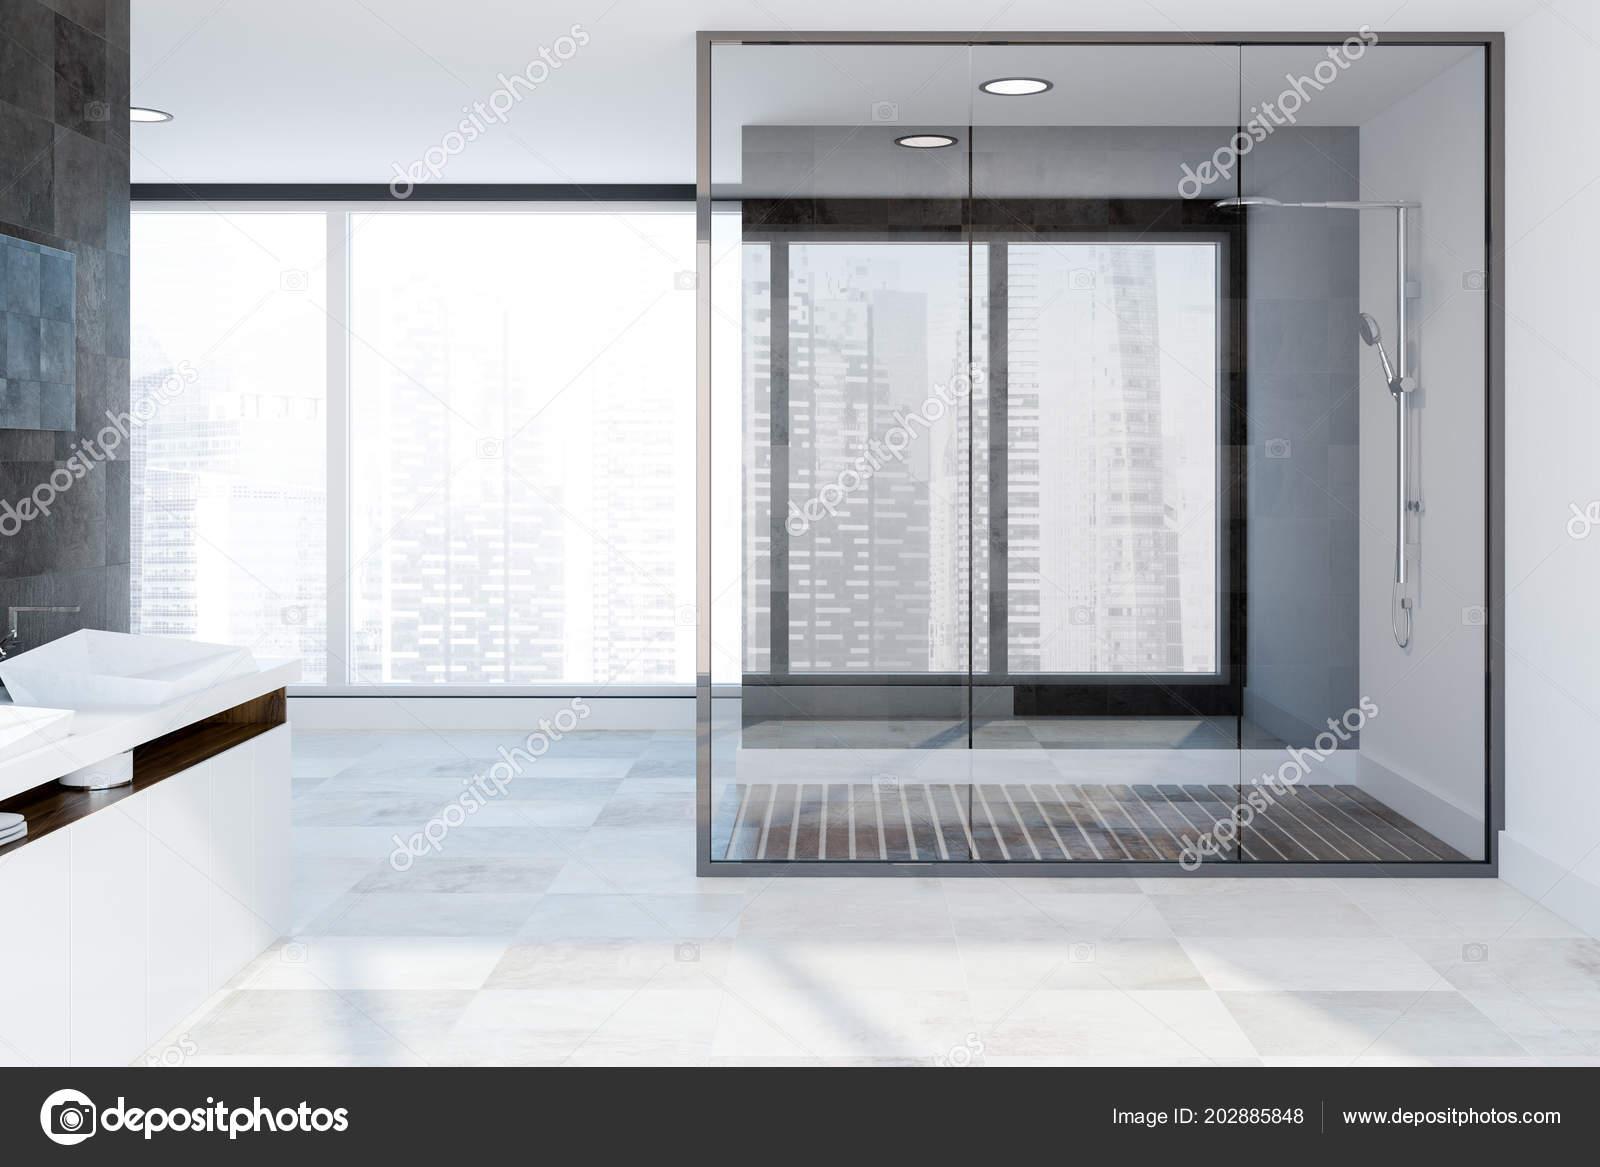 Ducha cristal interior panor mica ba o con paredes azulejo for Piso ducha bano